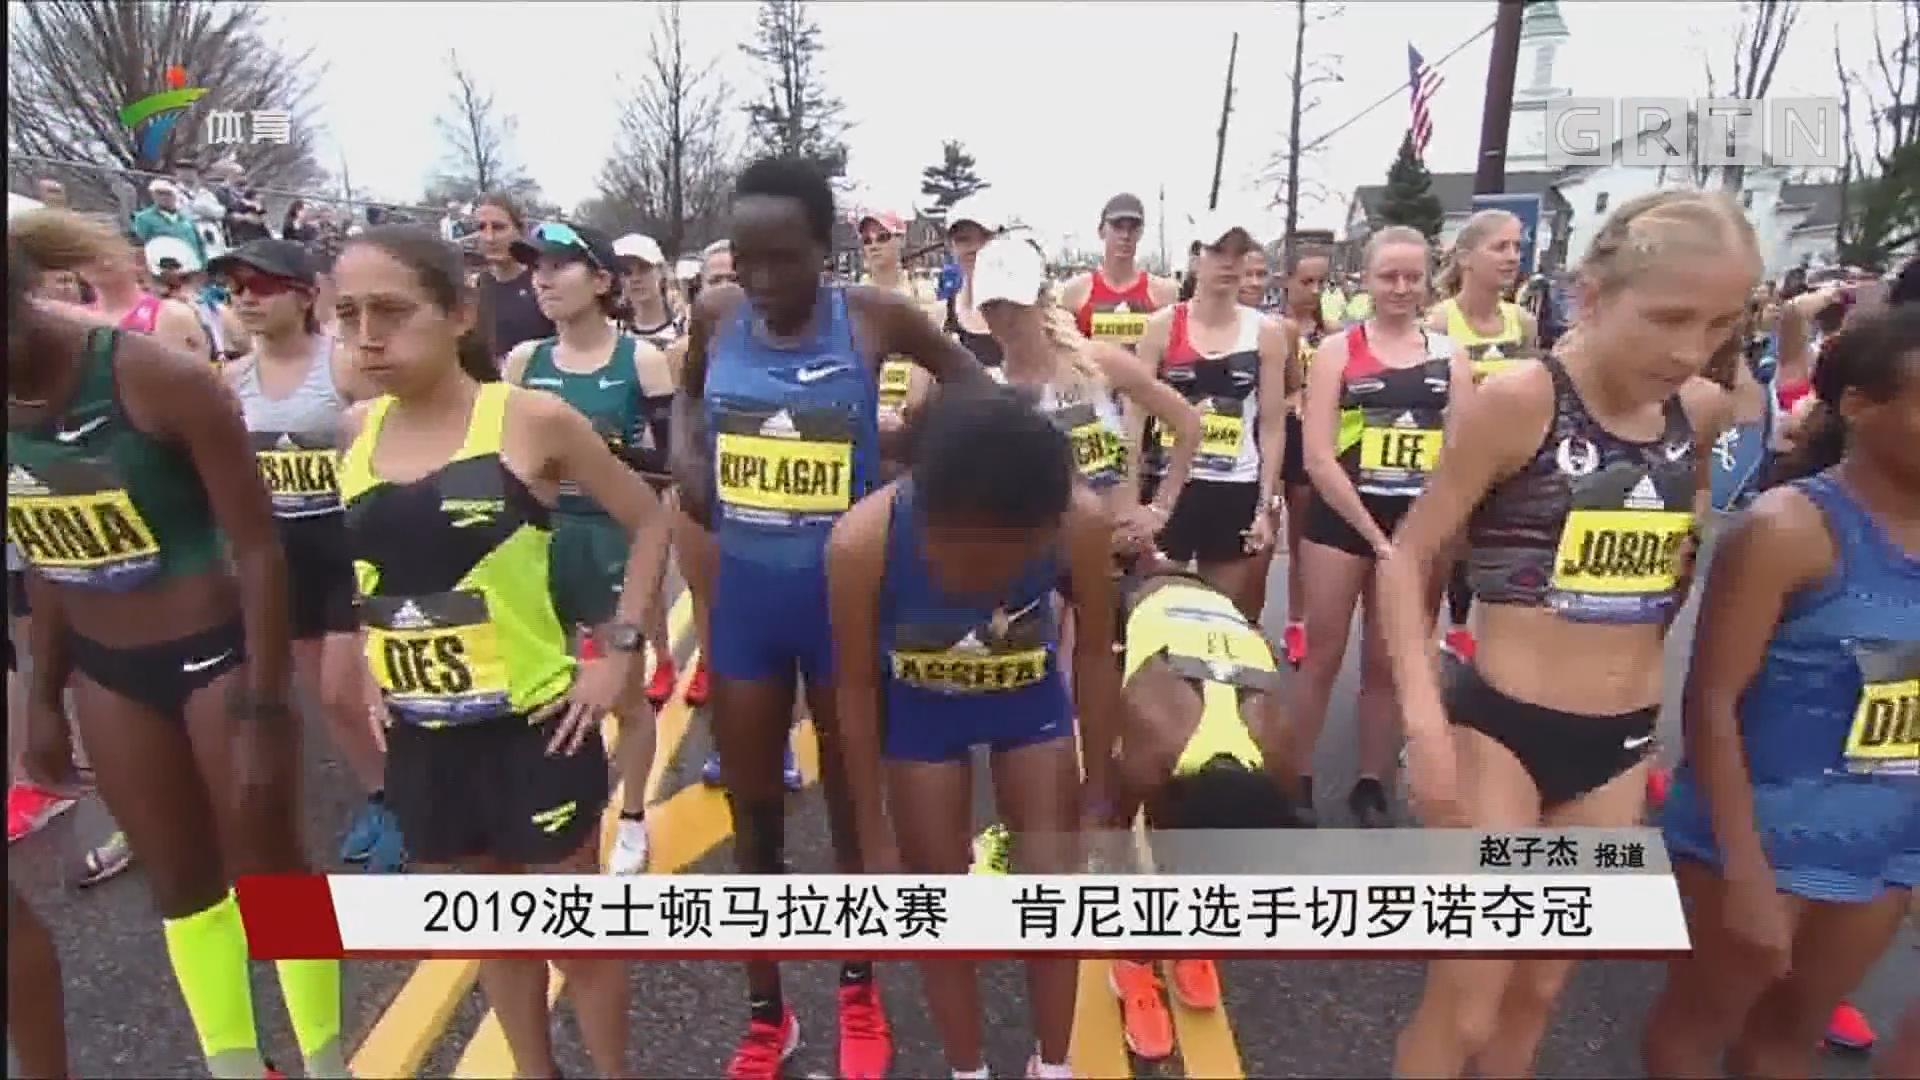 2019波士顿马拉松赛 肯尼亚选手切罗诺夺冠